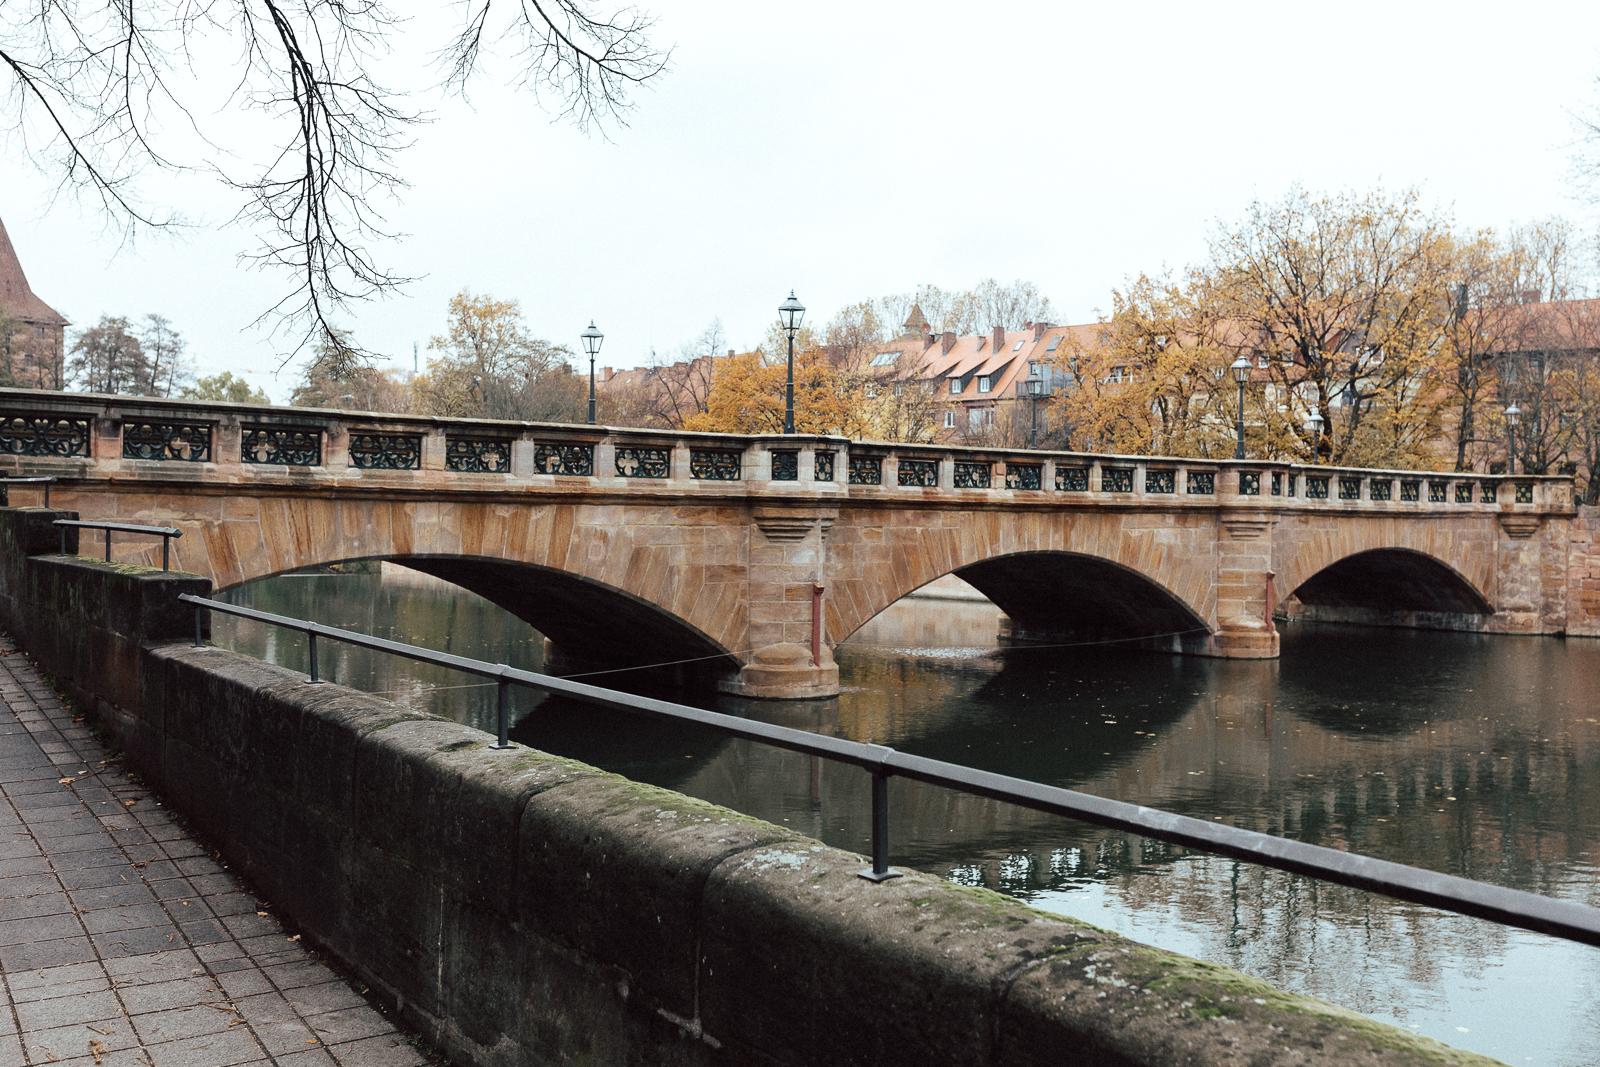 URBANERIE_Daniela_Goth_Fotografin_Nürnberg_Fürth_Erlangen_Schwabach_171110_001_0006